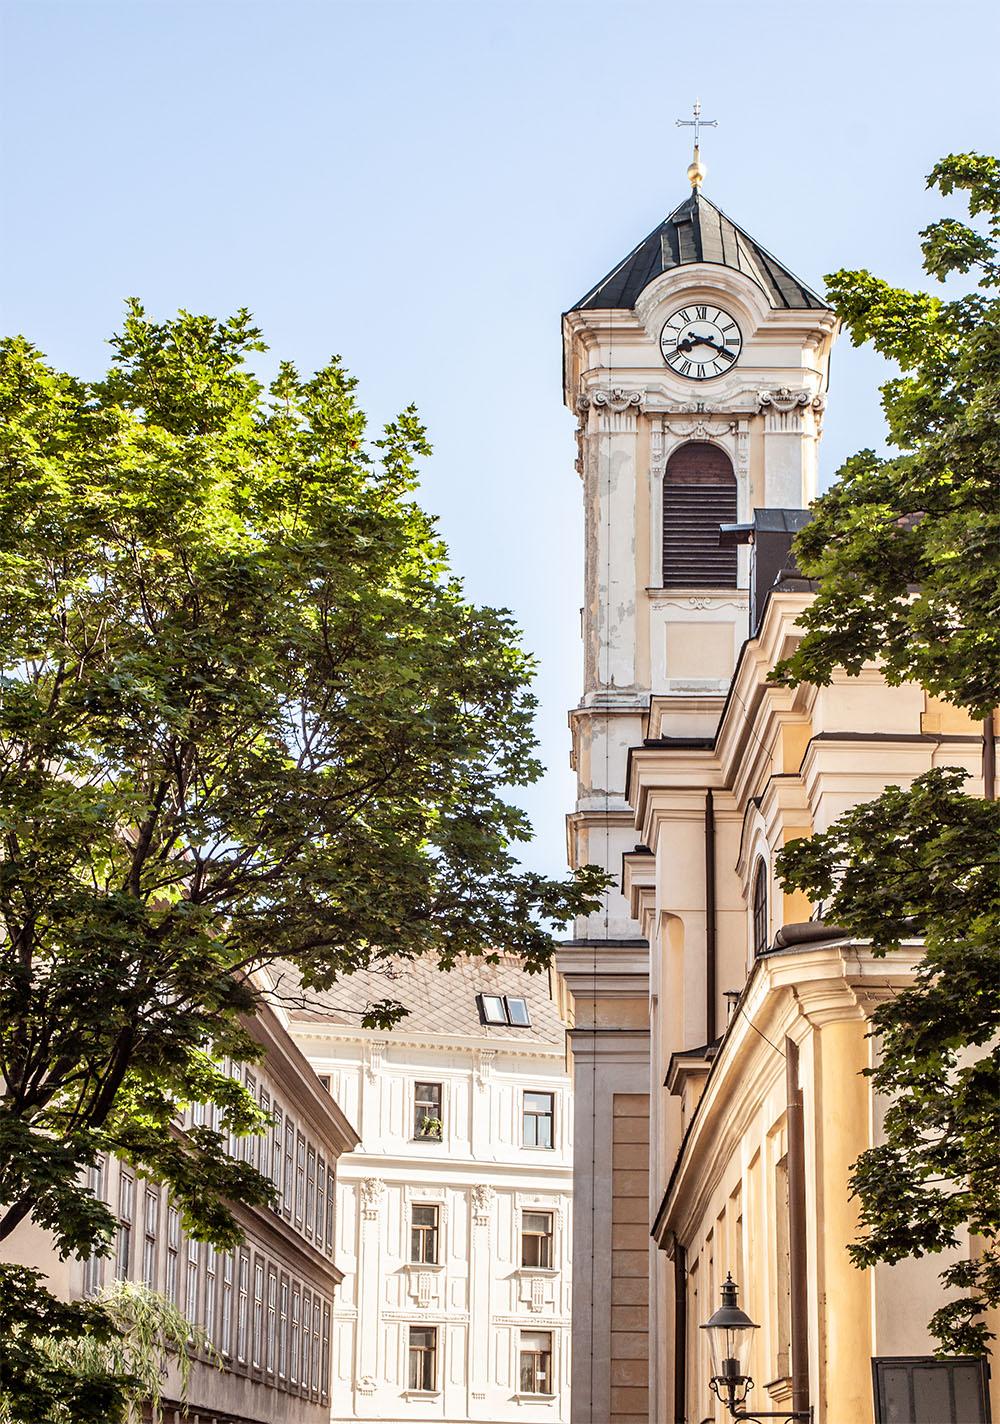 Ulrichskirche (c) STADTBEKANNT